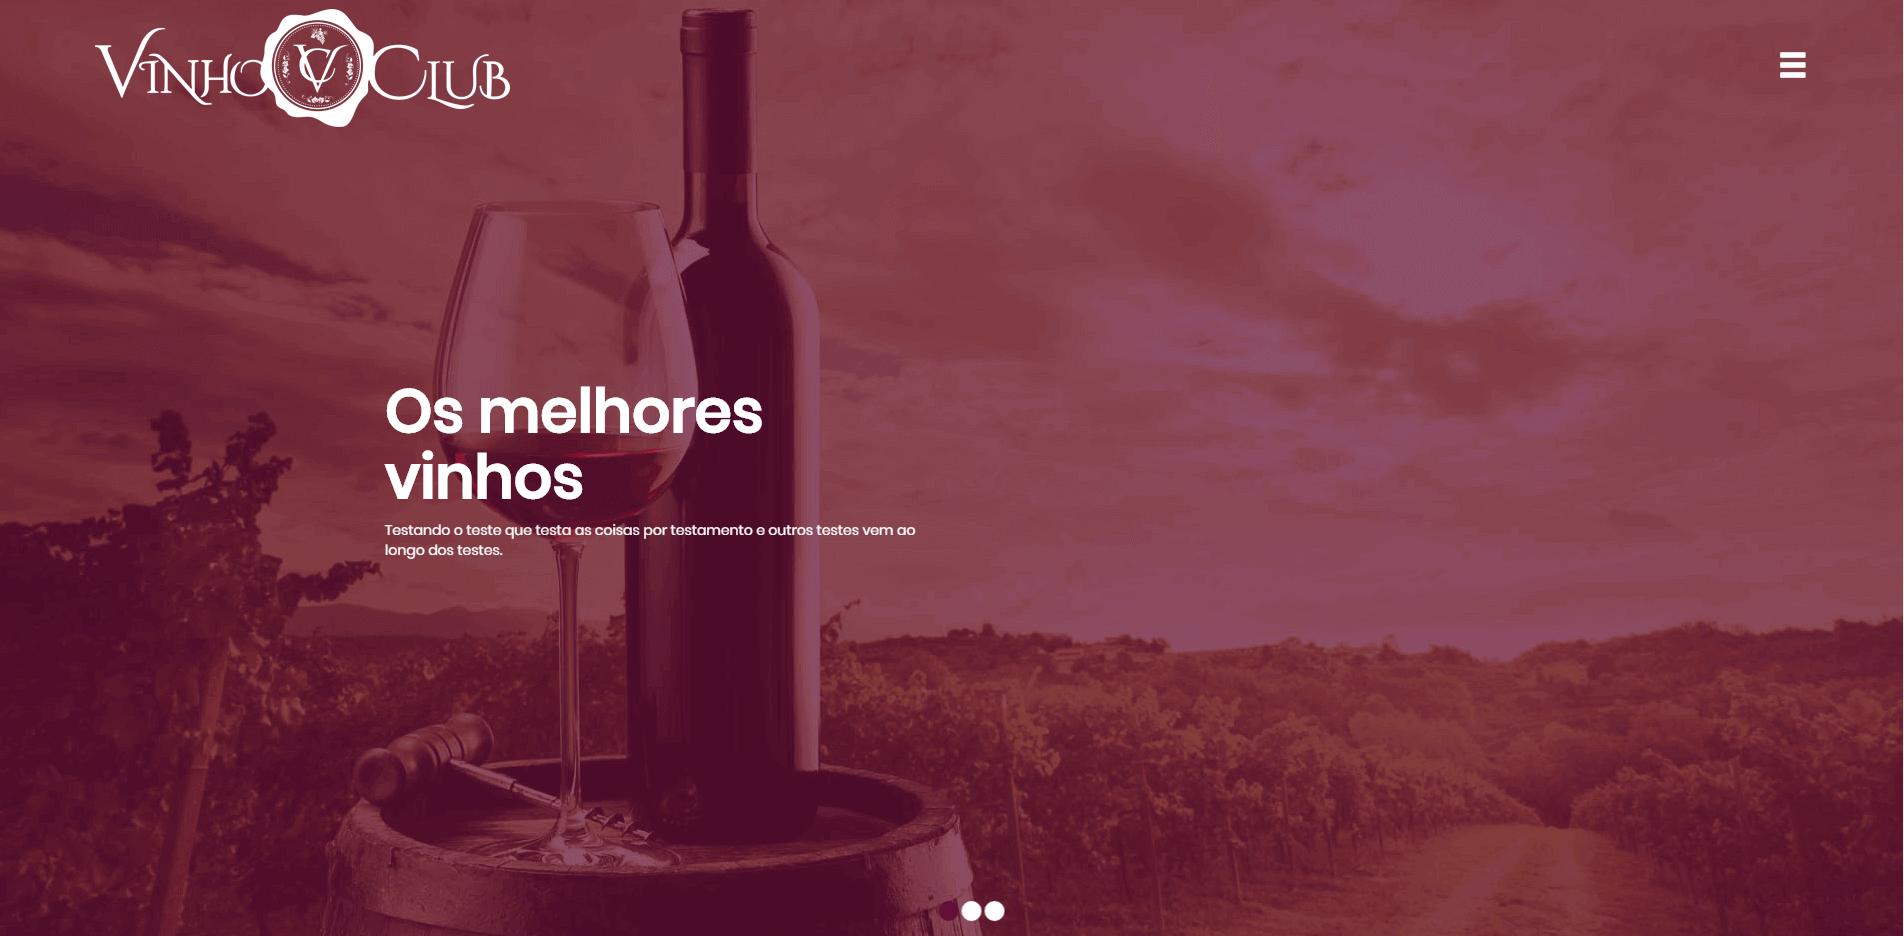 vinho-club